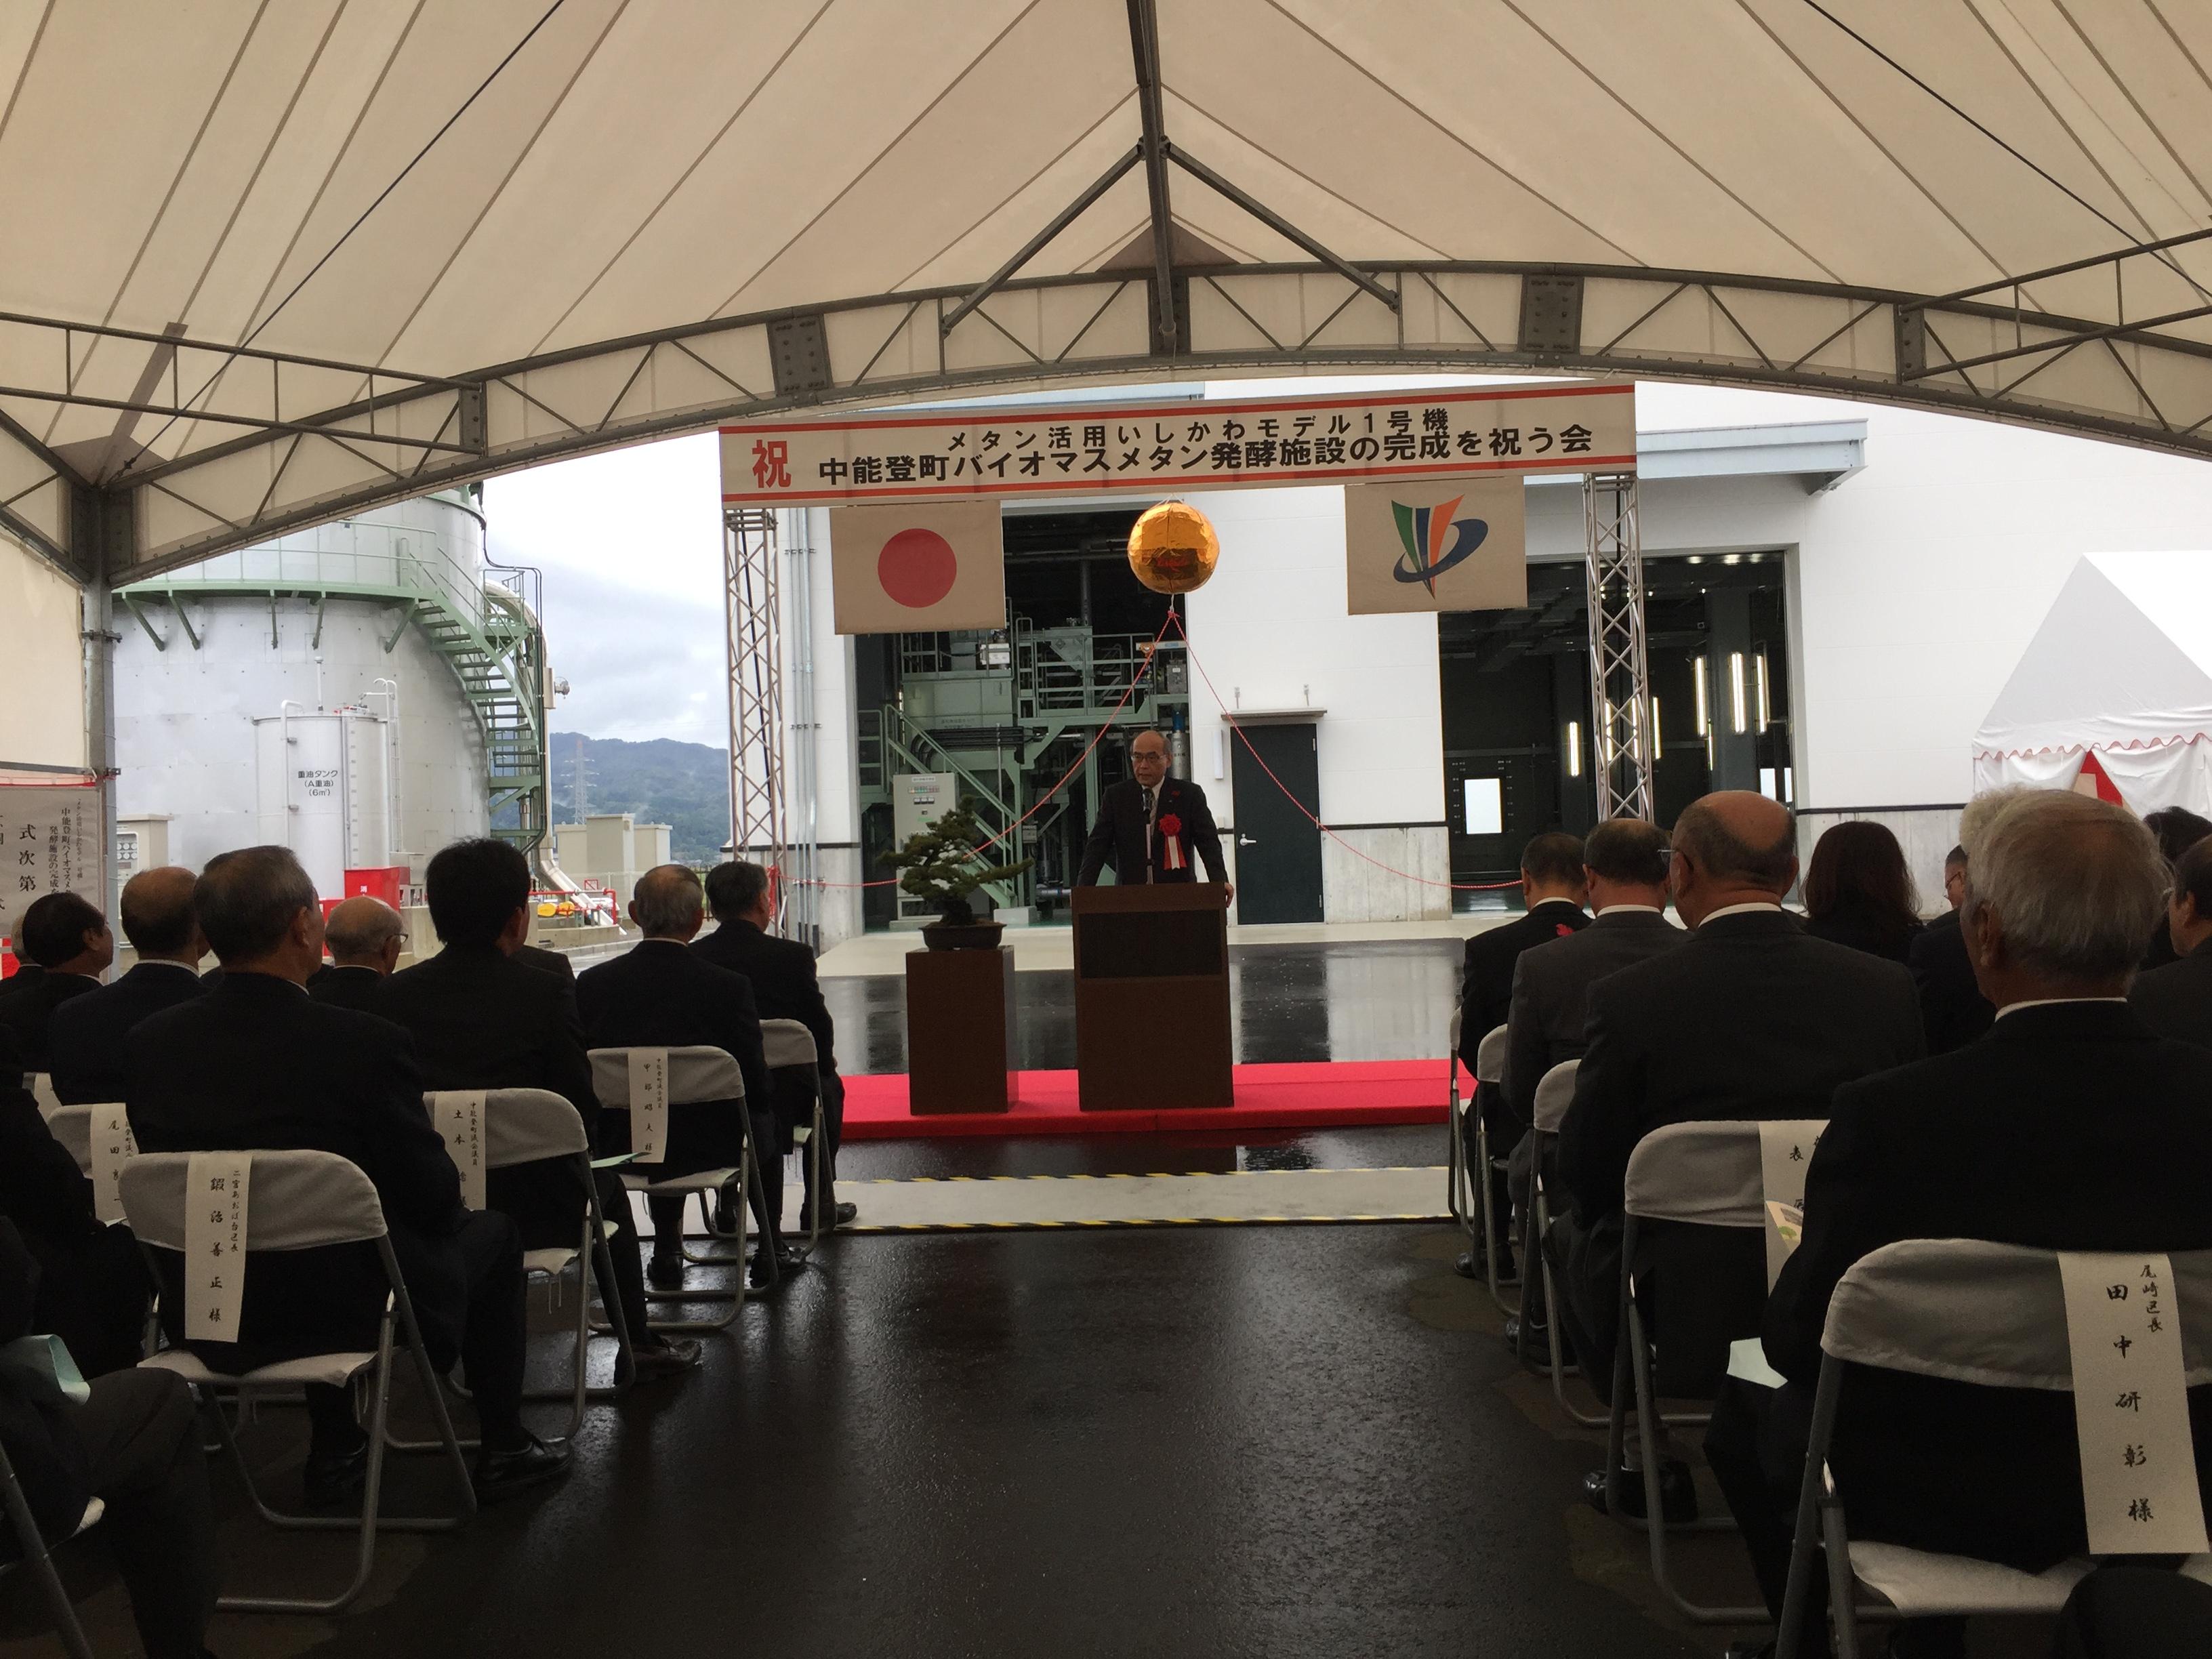 20171029中能登町バイオマスメタン発酵施設石川県知事挨拶